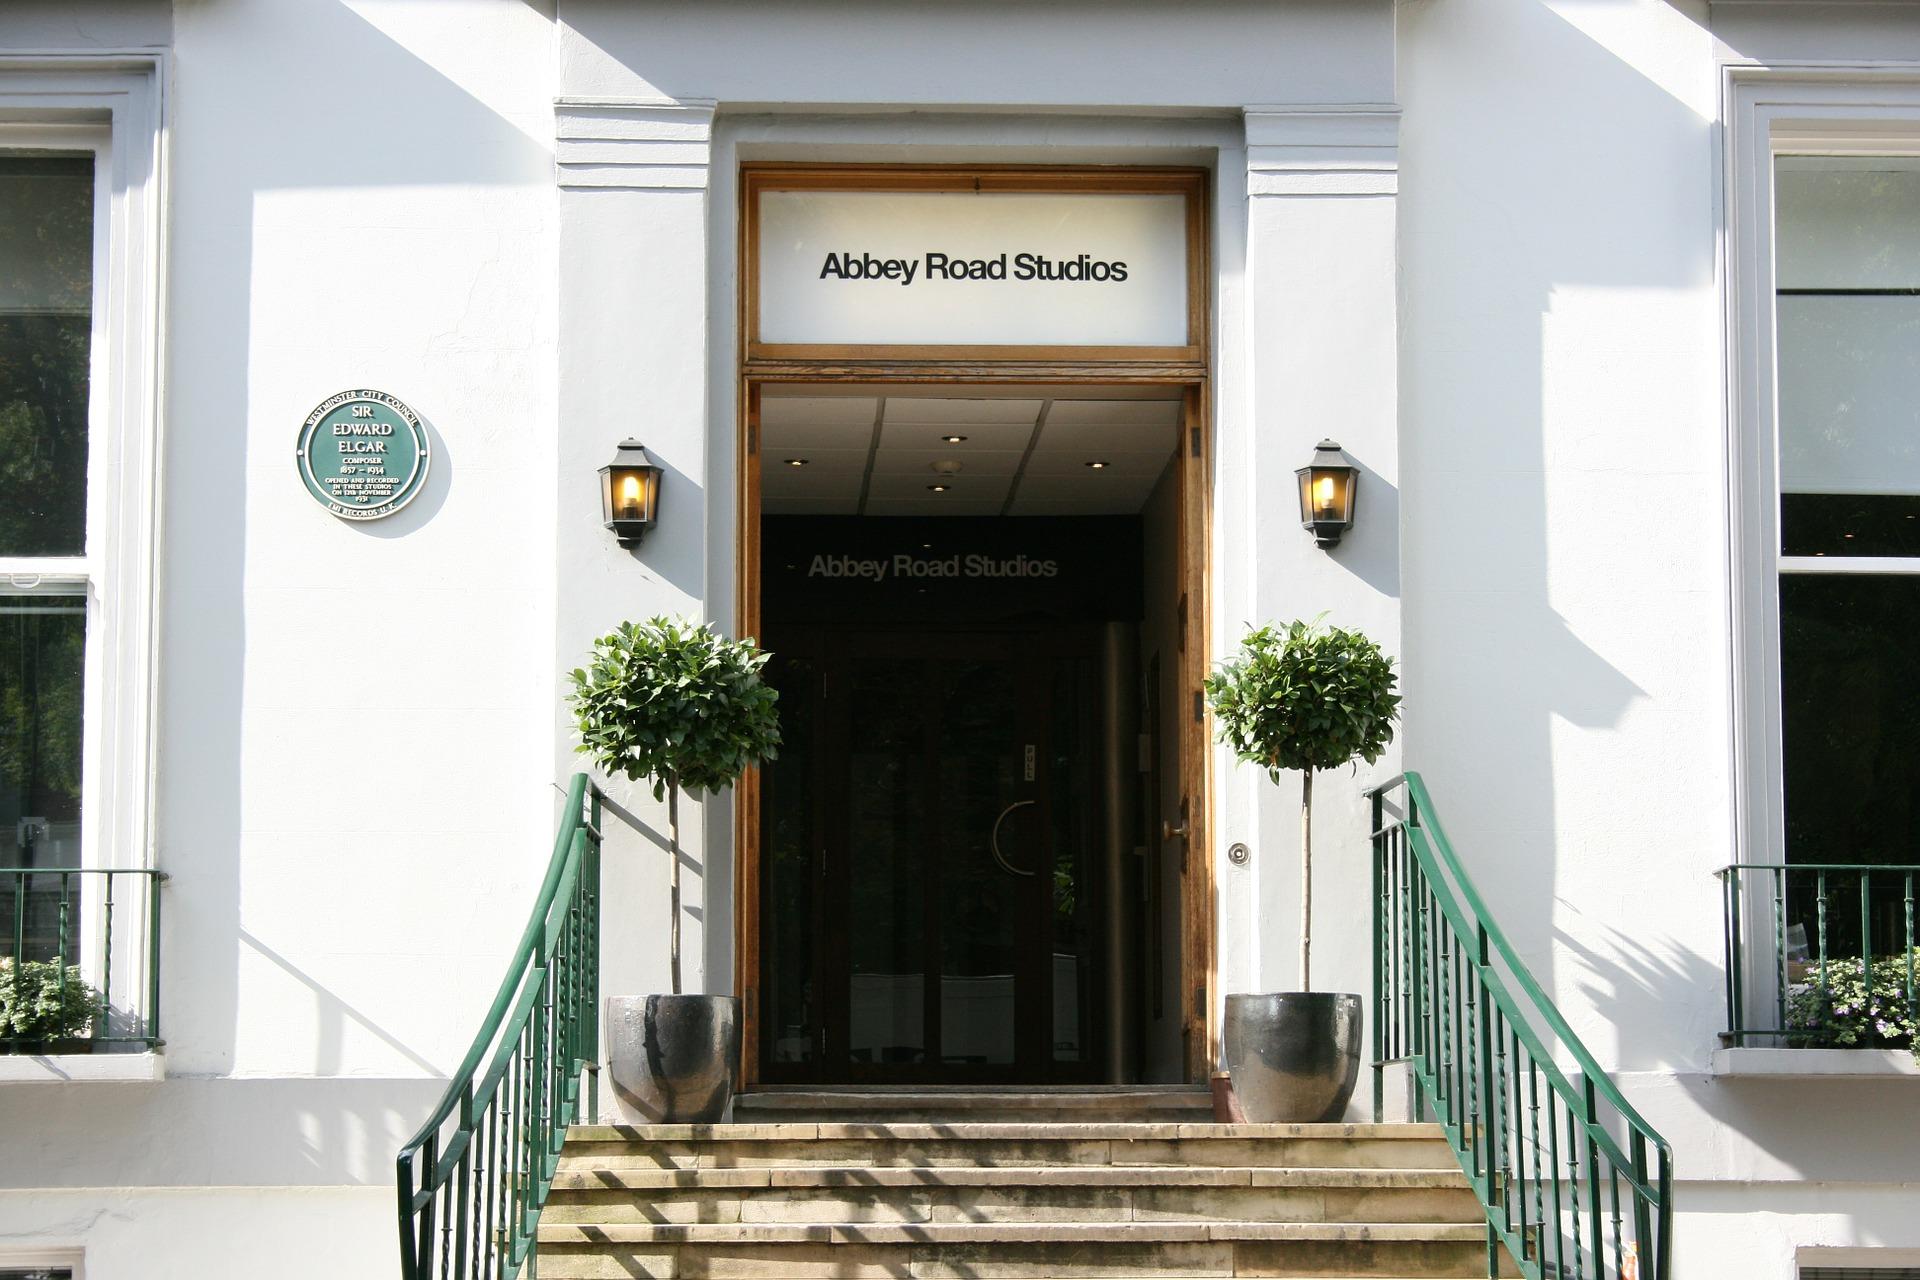 Abbey Road Studios, The Beatles, Recording Studio